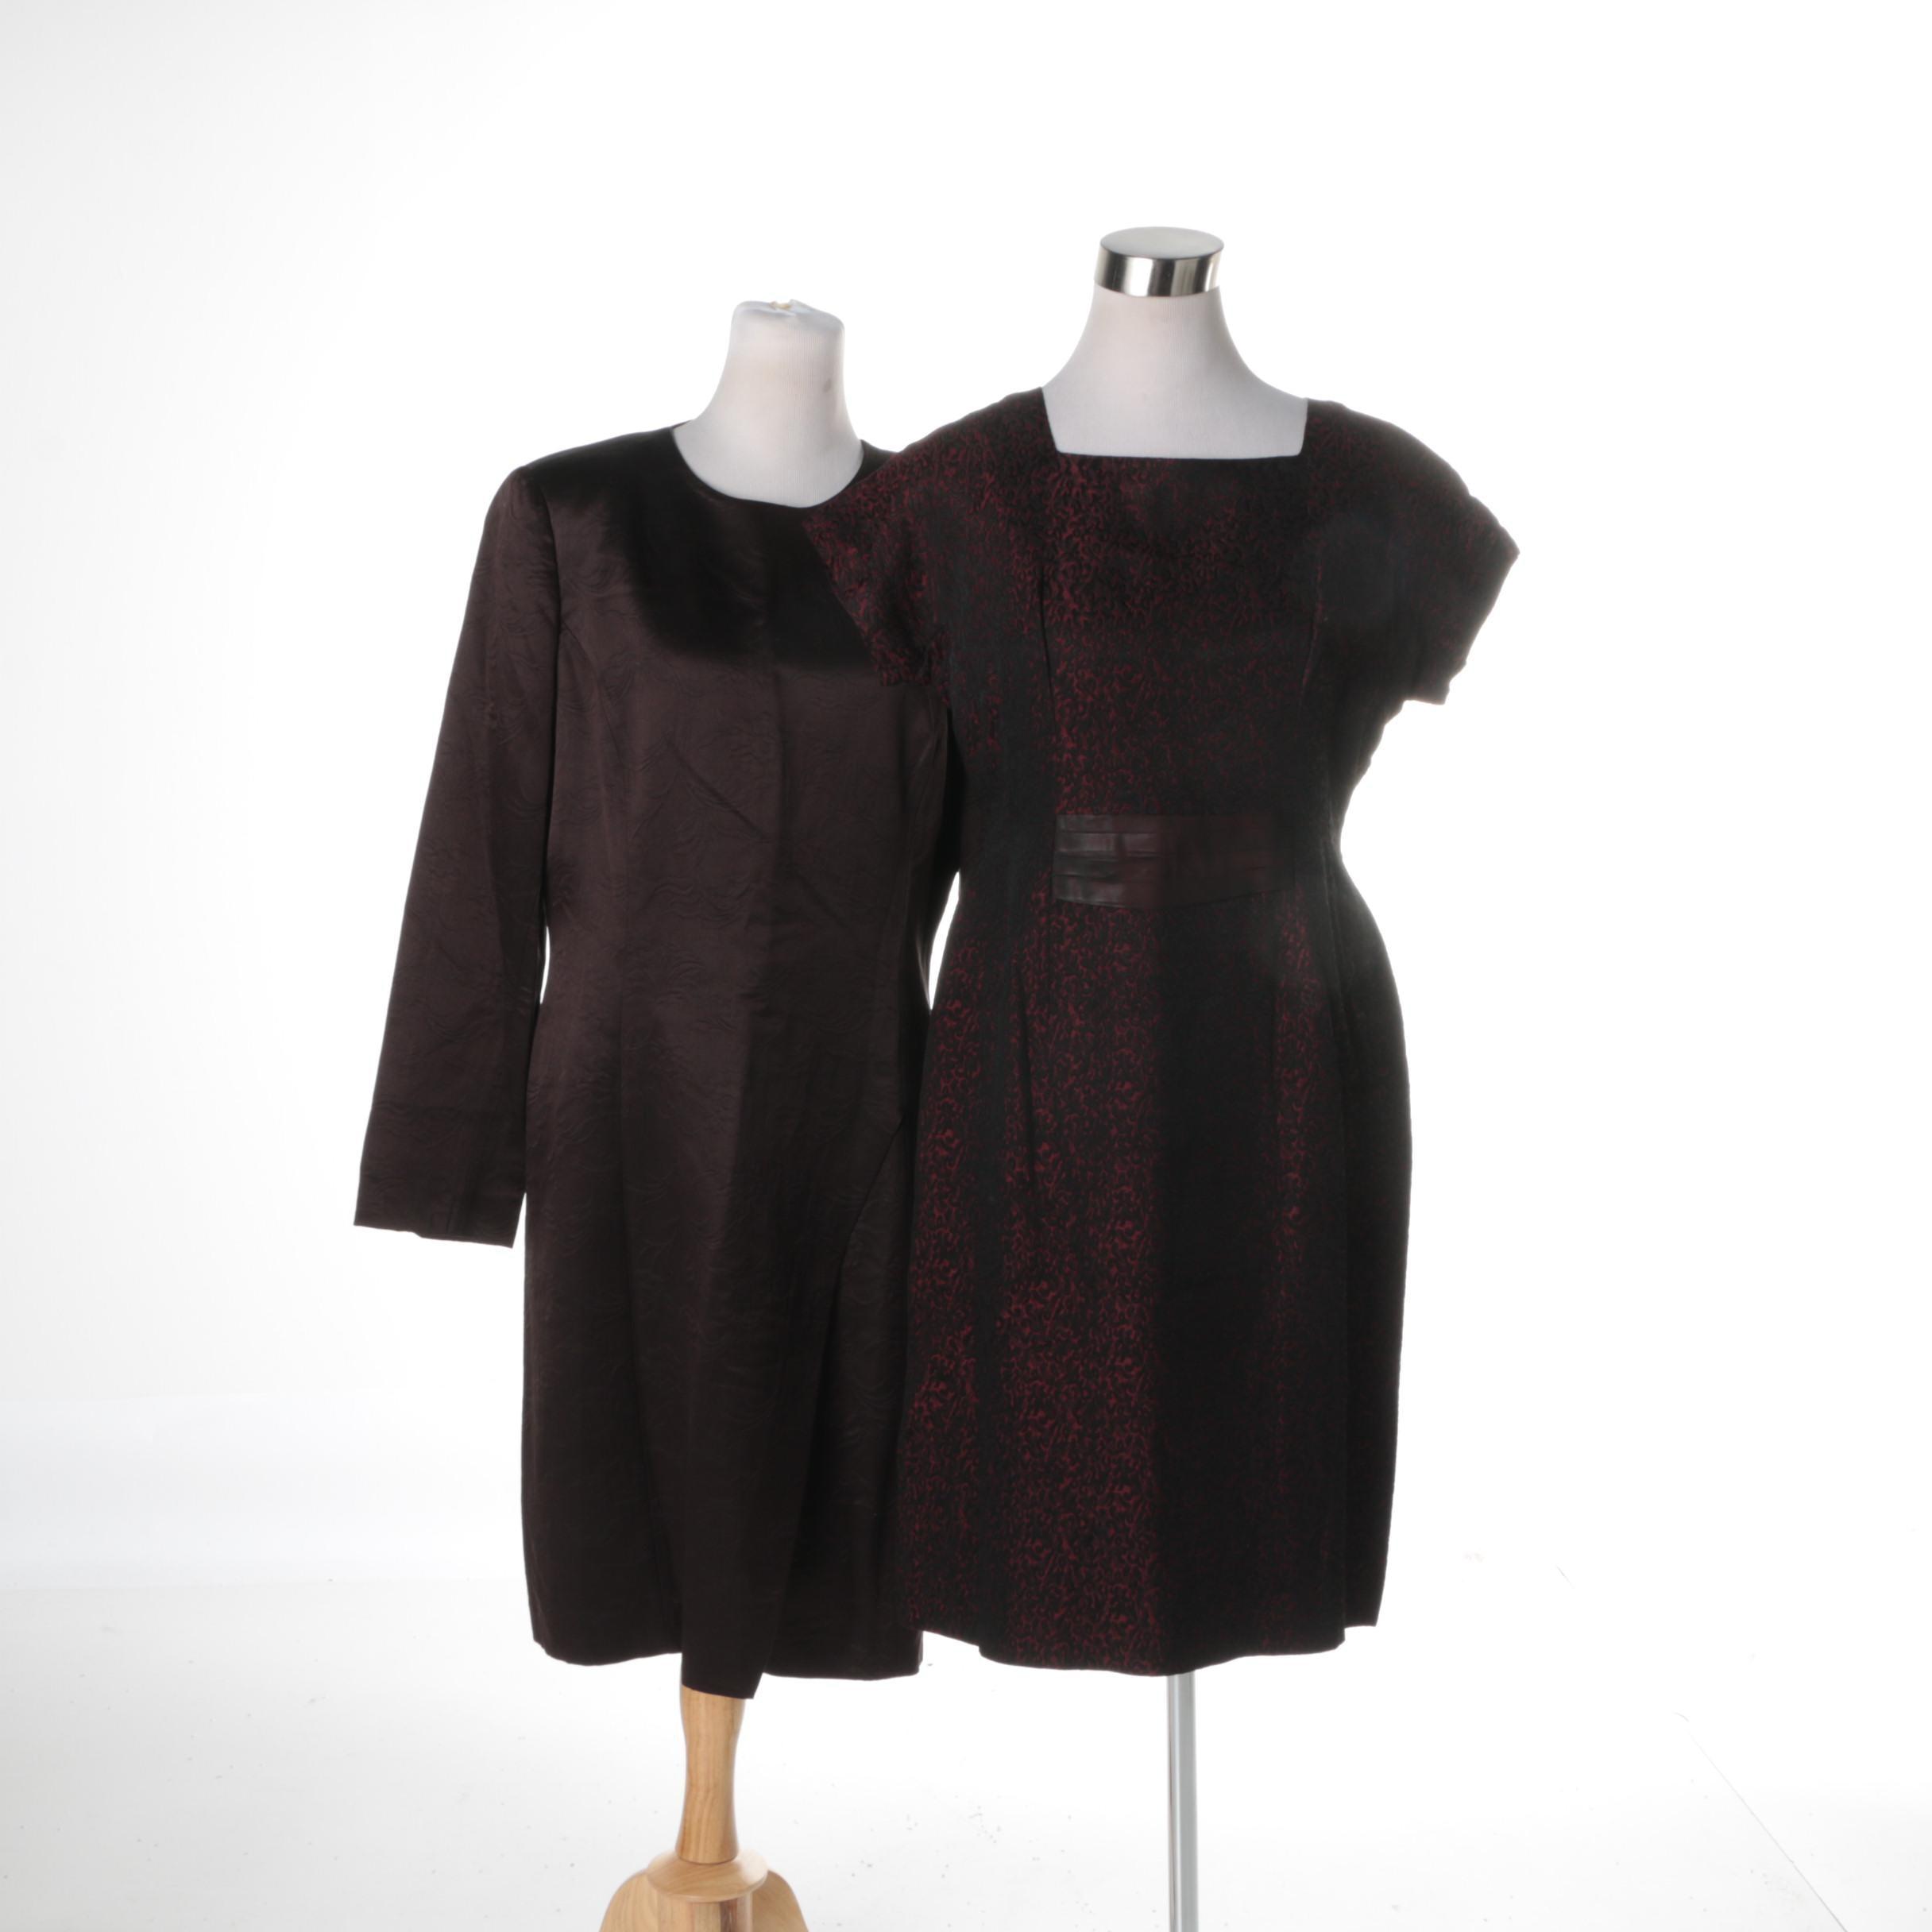 Women's Dresses Including Giorgio Armani